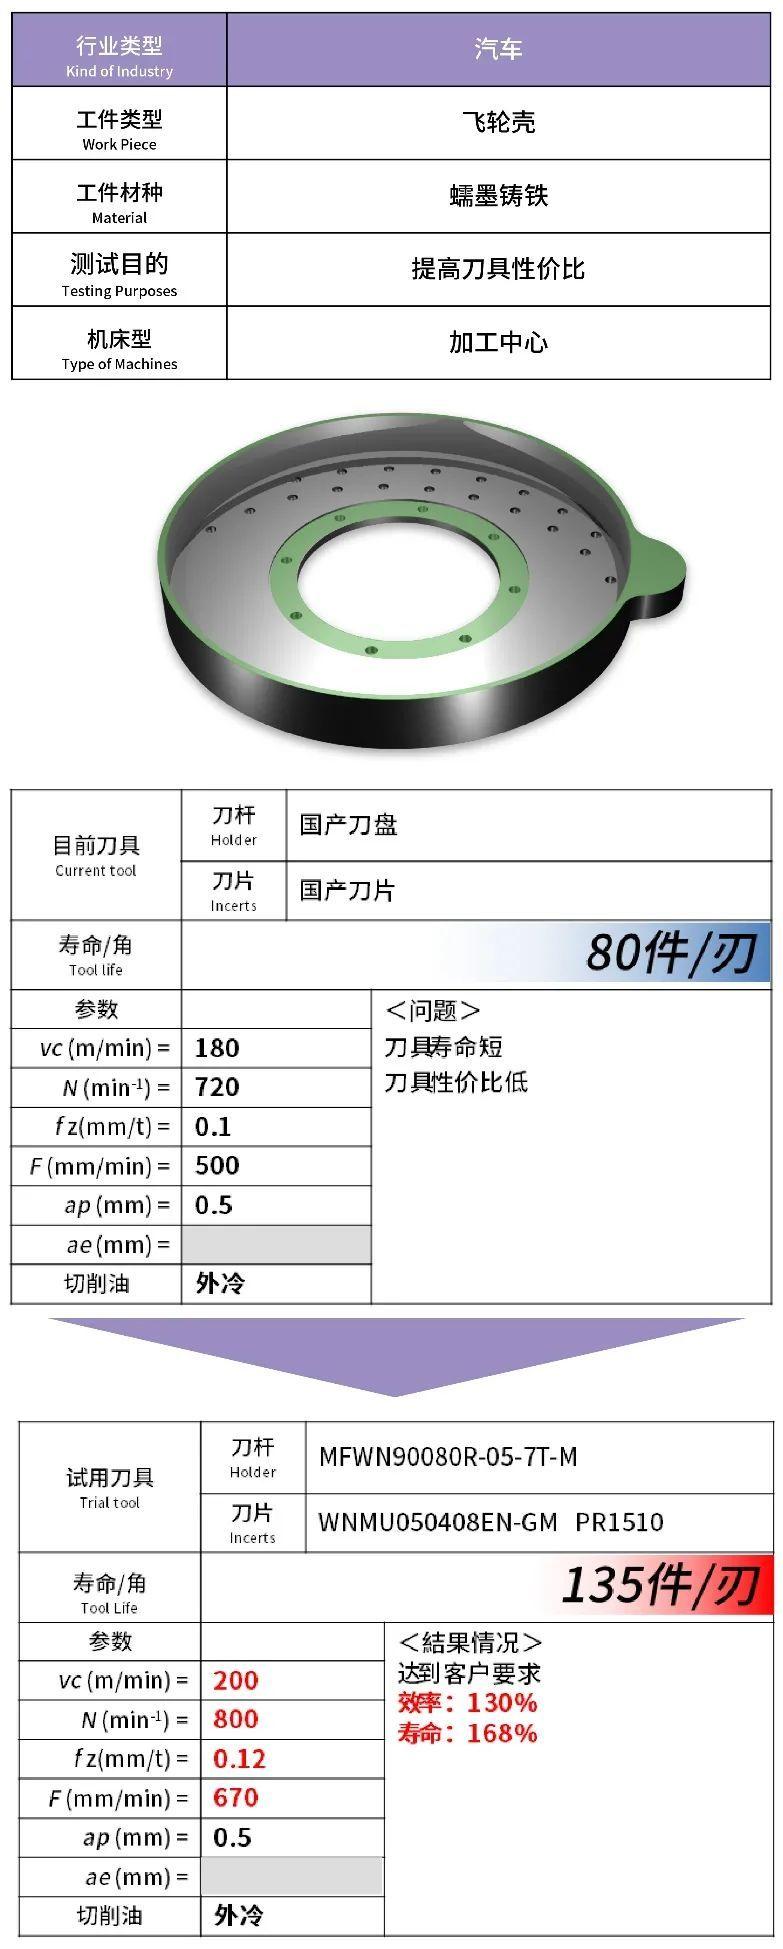 微信图片_20210205120356